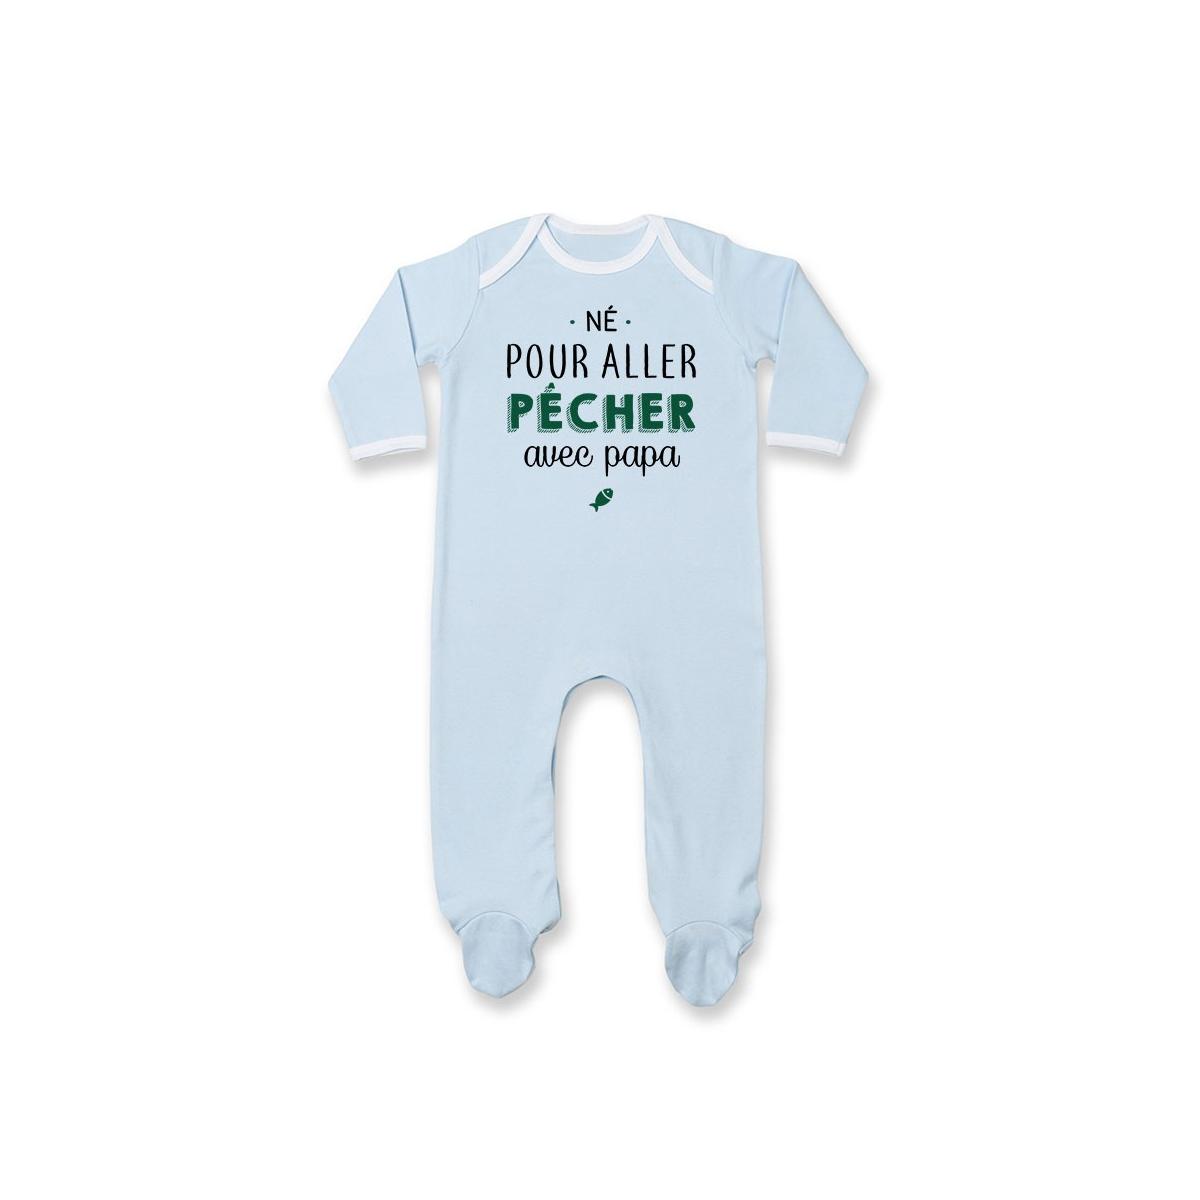 Pyjama bébé Né pour aller pêcher avec papa